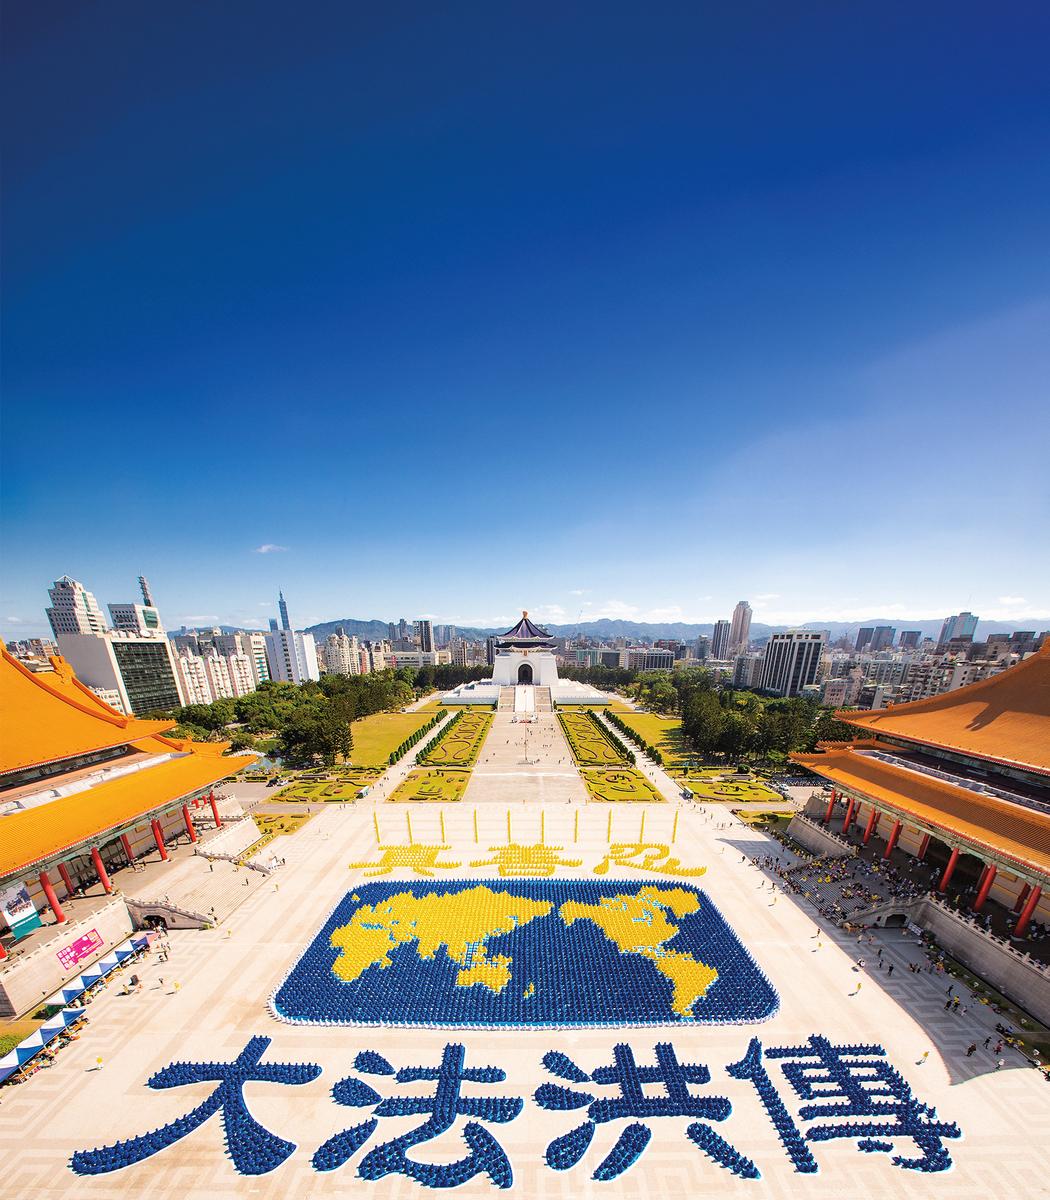 2019年11月16日,約6,500名法輪功學員齊聚台北自由廣場排出真善忍、大法洪傳世界的壯觀圖像。(陳柏州/大紀元)